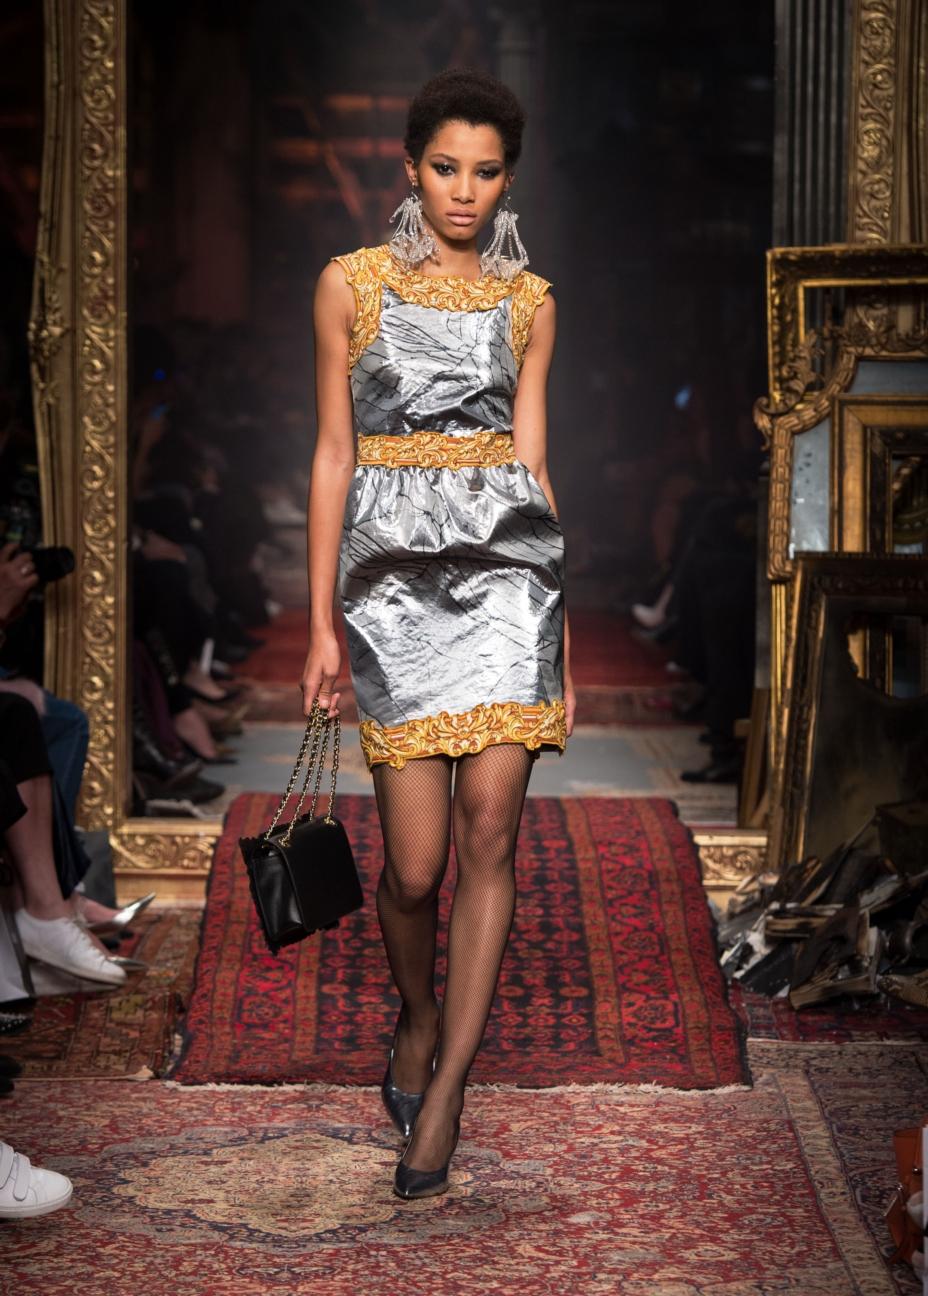 moschino-milan-fashion-week-aw-16-53